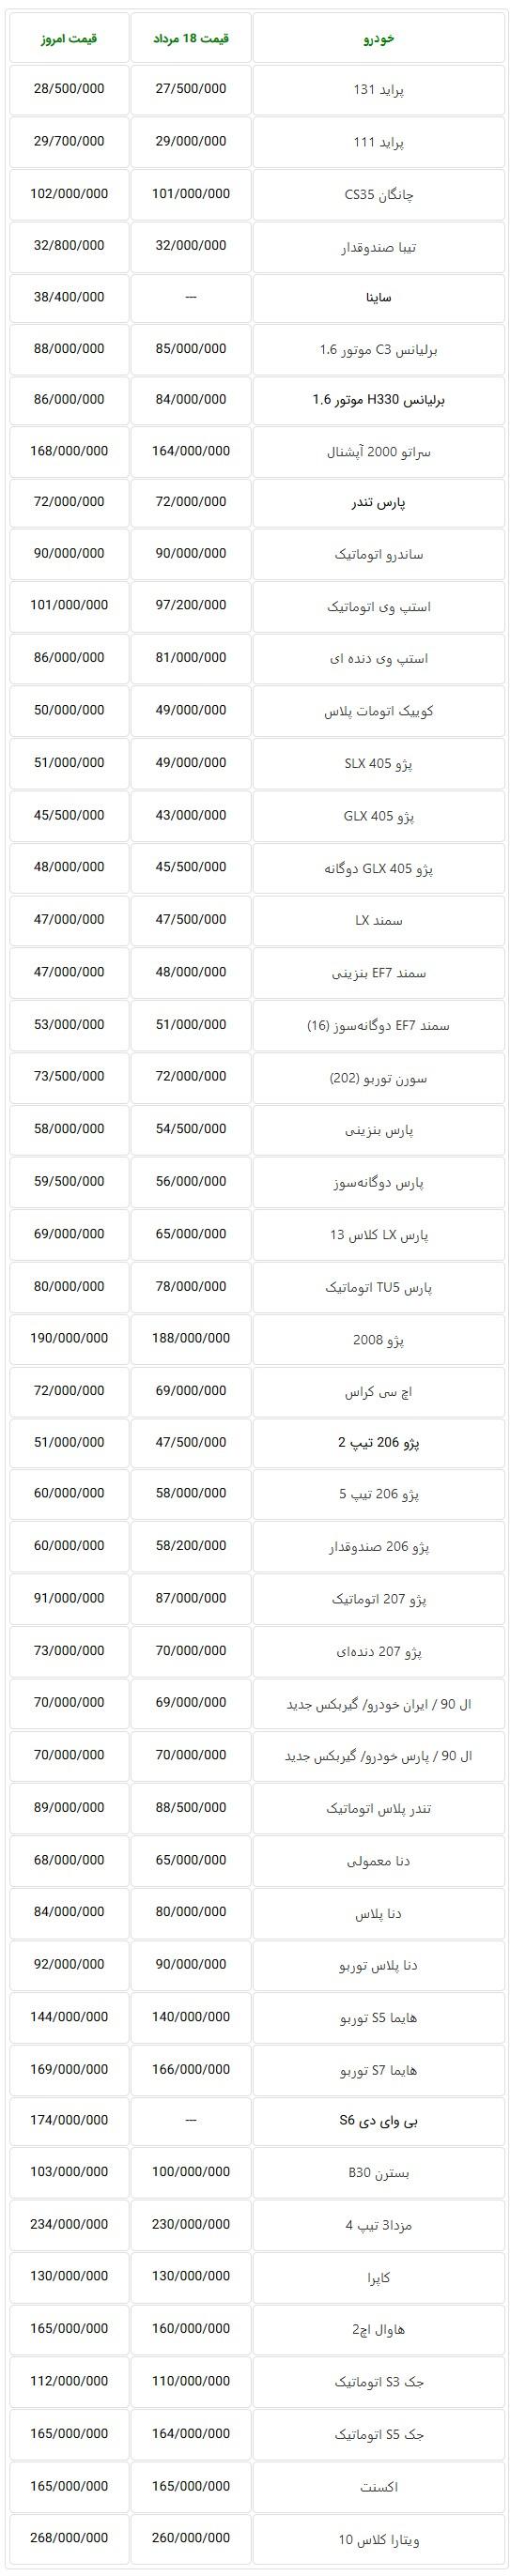 قیمت خودروهای داخلی در بازار تهران در هفته گذشته + جدول